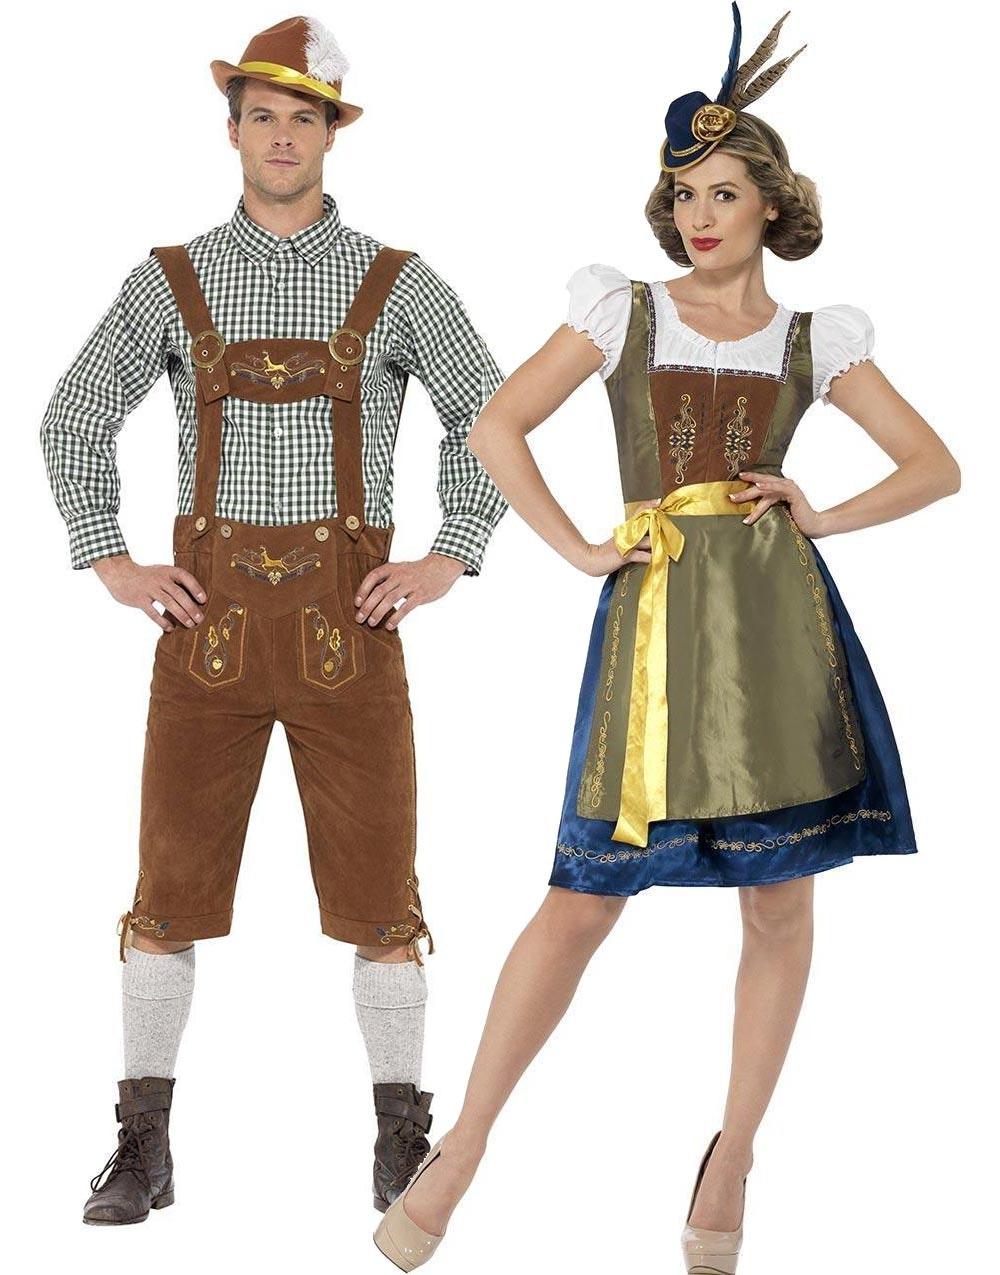 kostyme nettbutikk eskorte jenter norge